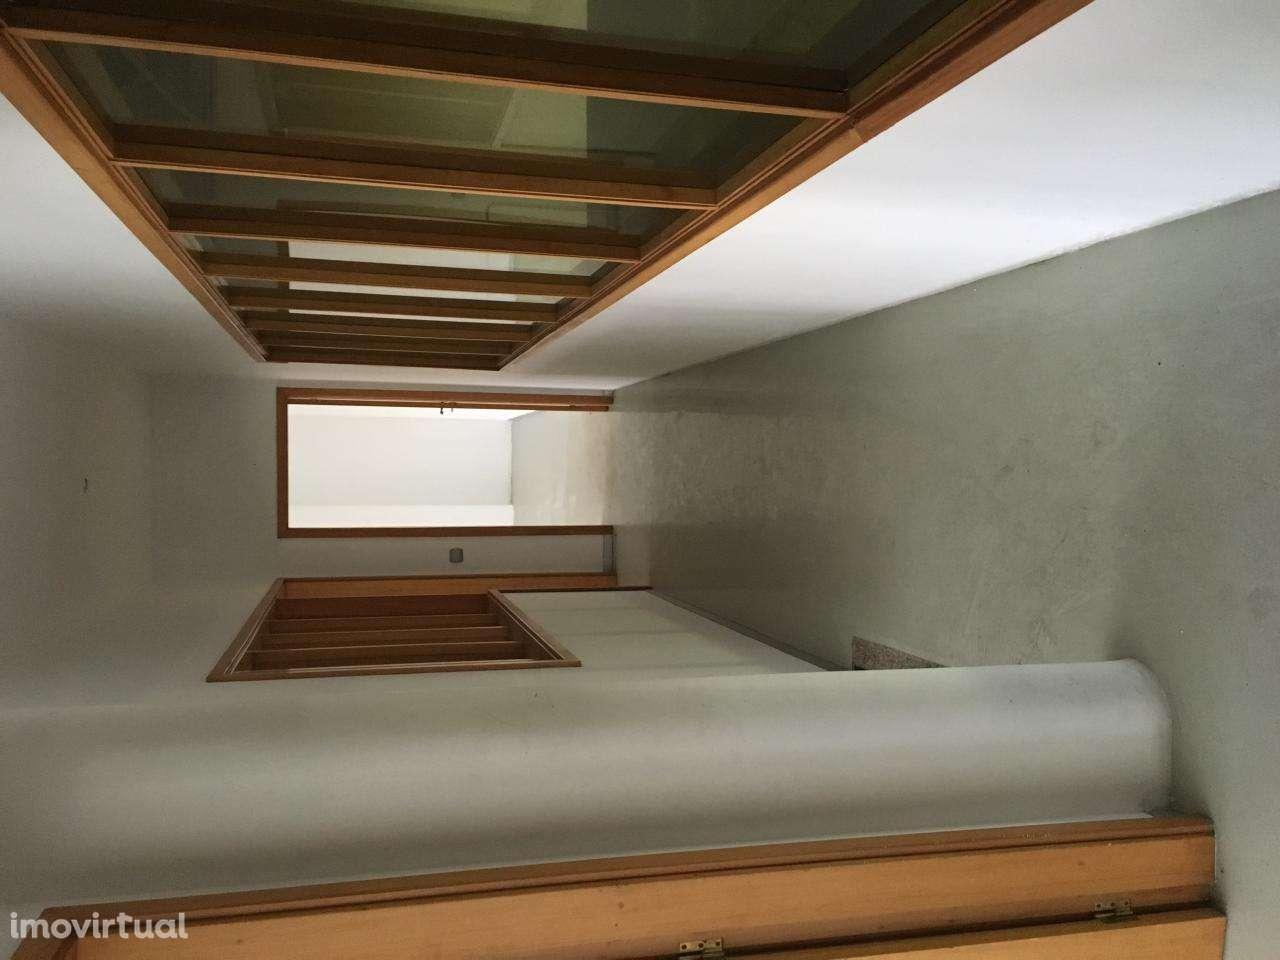 Armazém para arrendar, Moreira, Maia, Porto - Foto 15